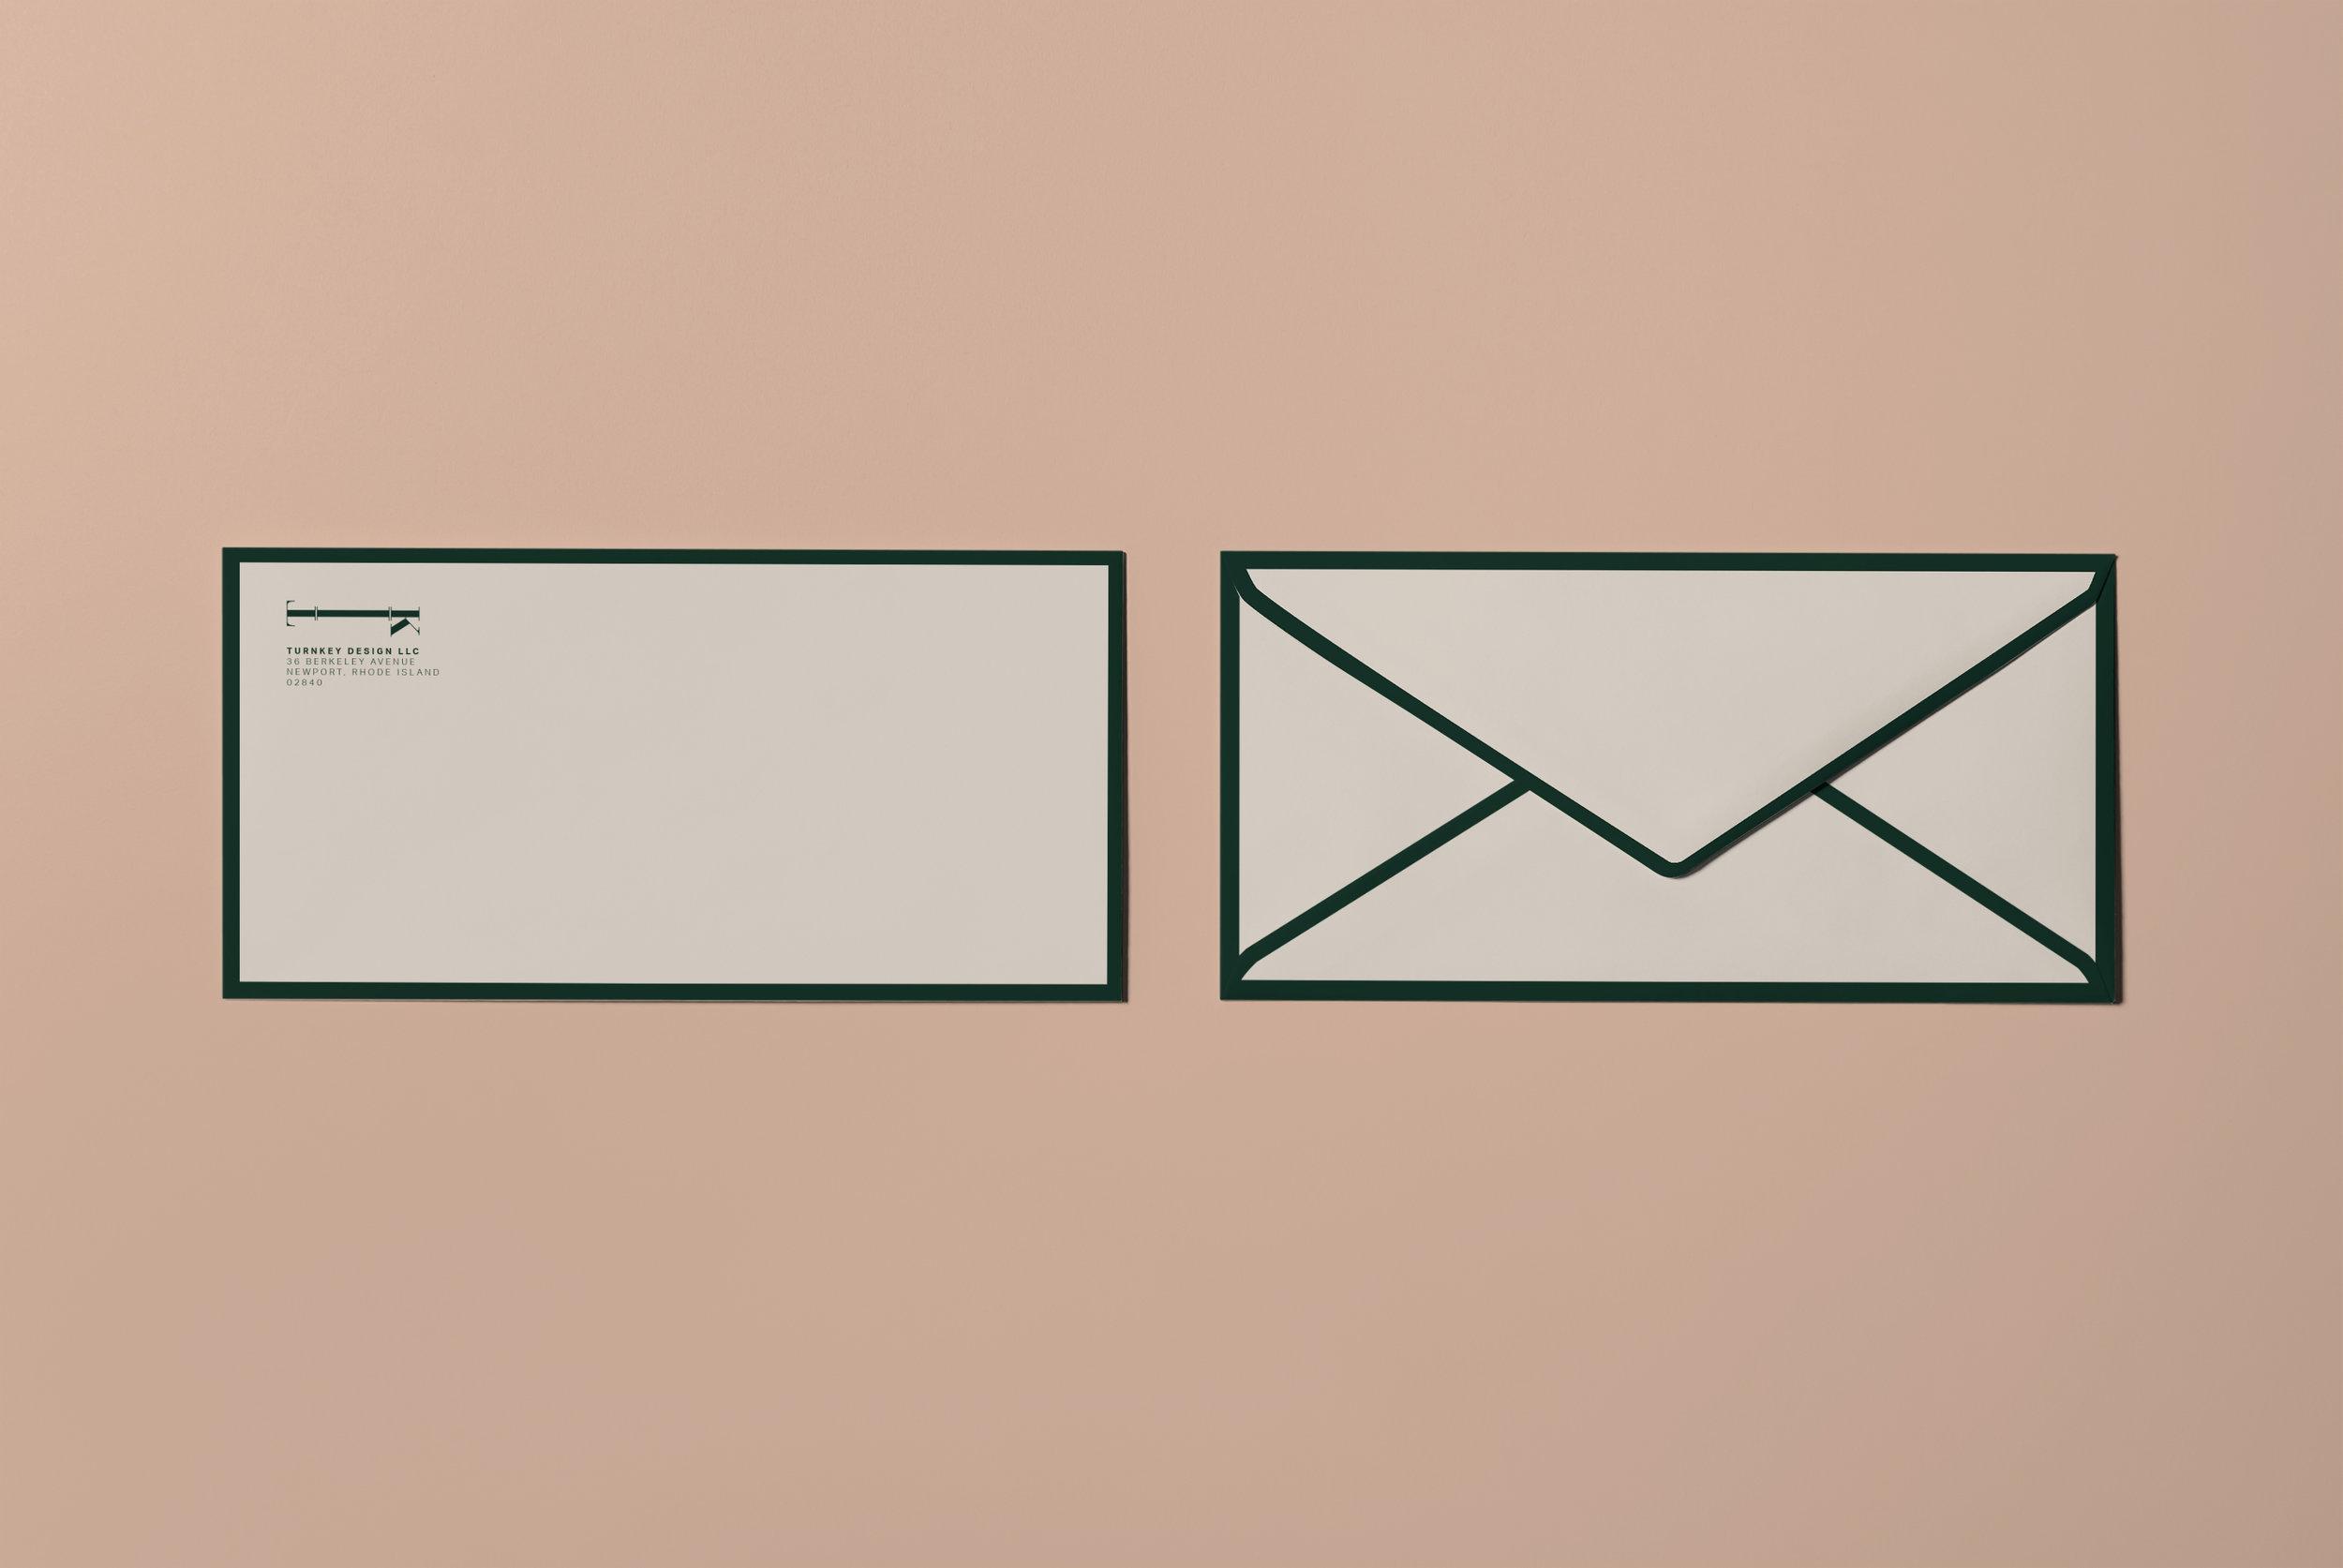 turnkey_envelopes_top.jpg